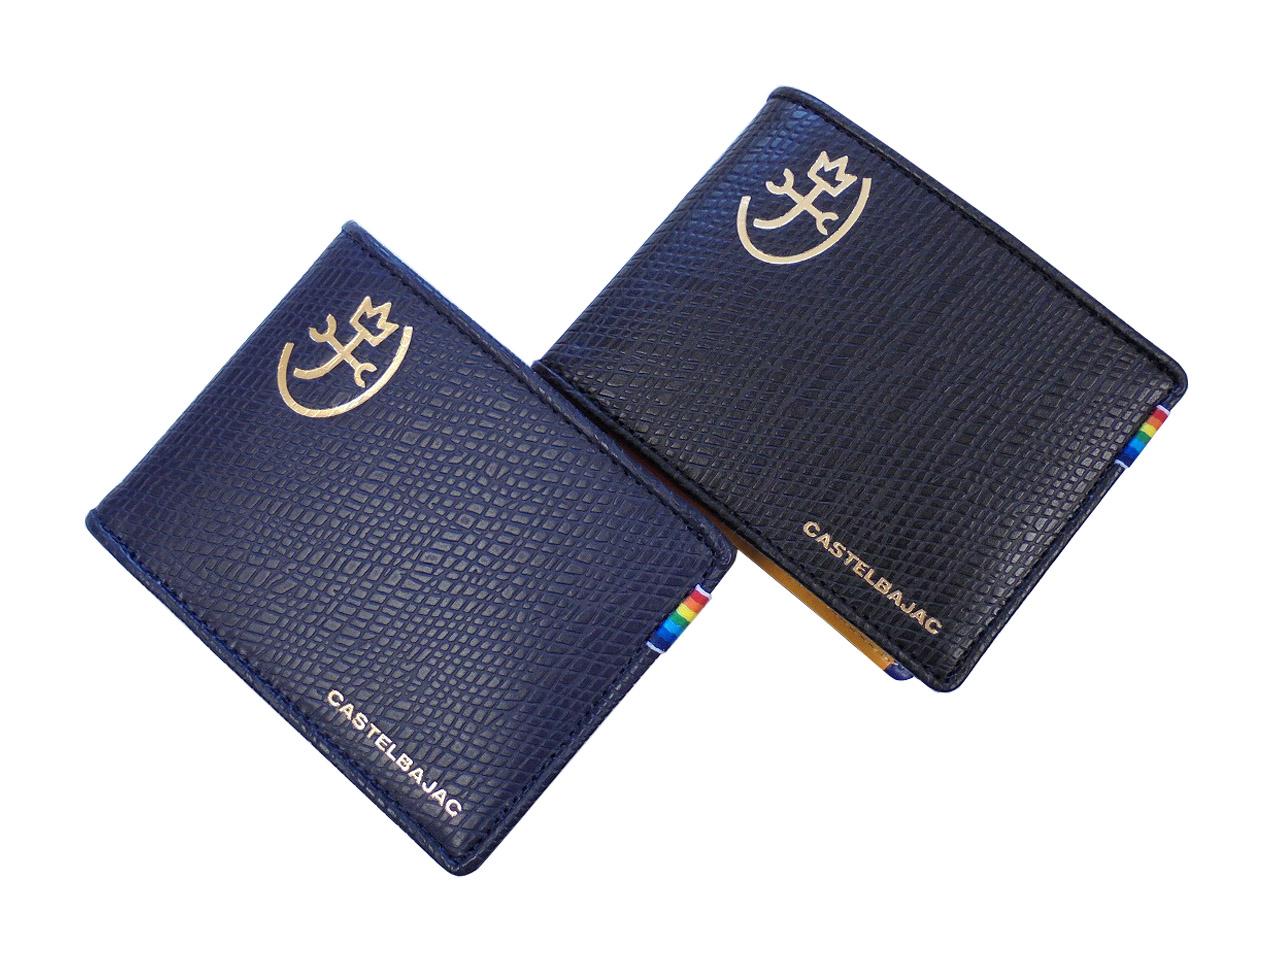 CASTELBAJAC カステルバジャック お気にいる レインボー ついに入荷 メンズ 小銭入れあり 二つ折り財布 079613